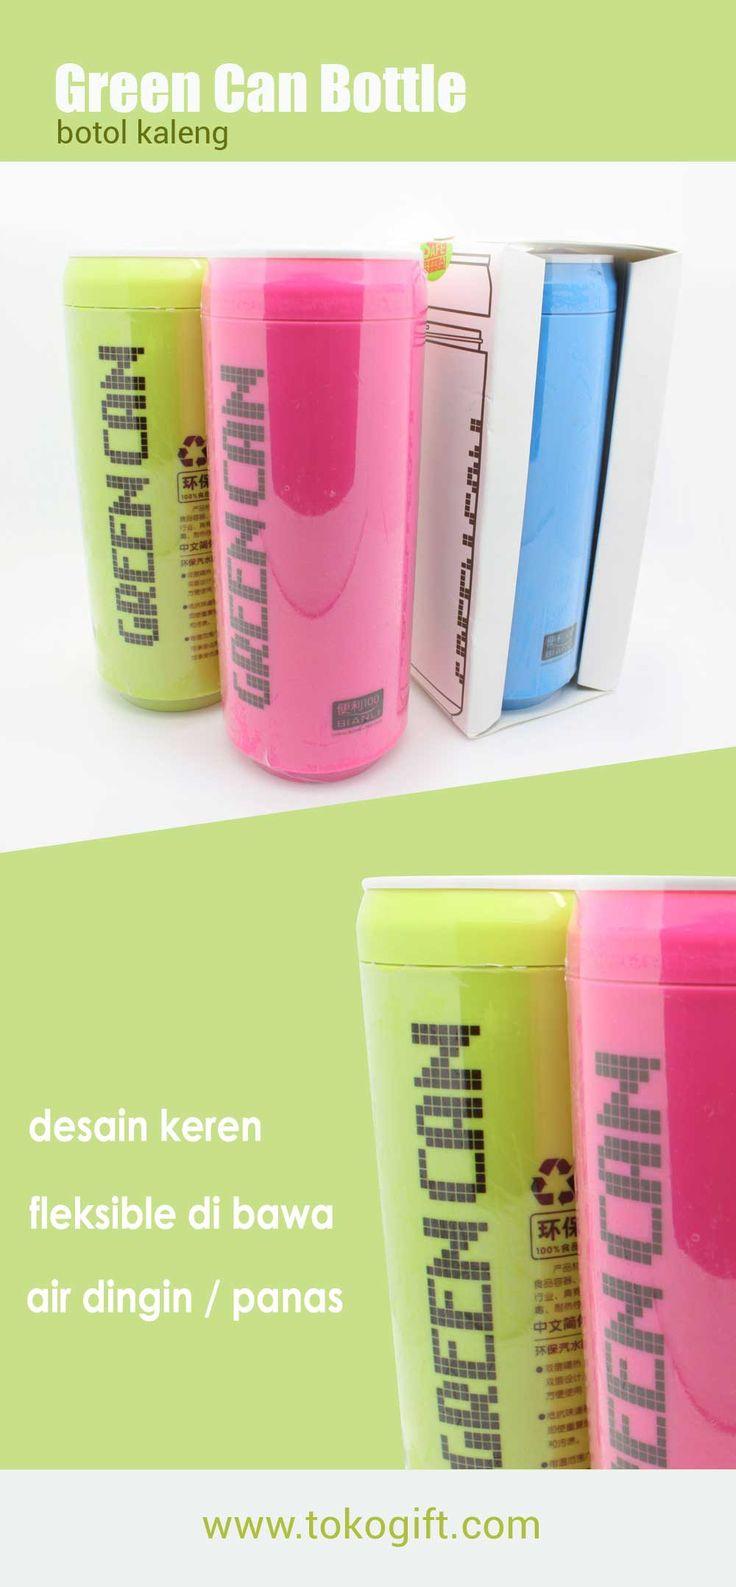 kaleng botol, check di tokogift.com